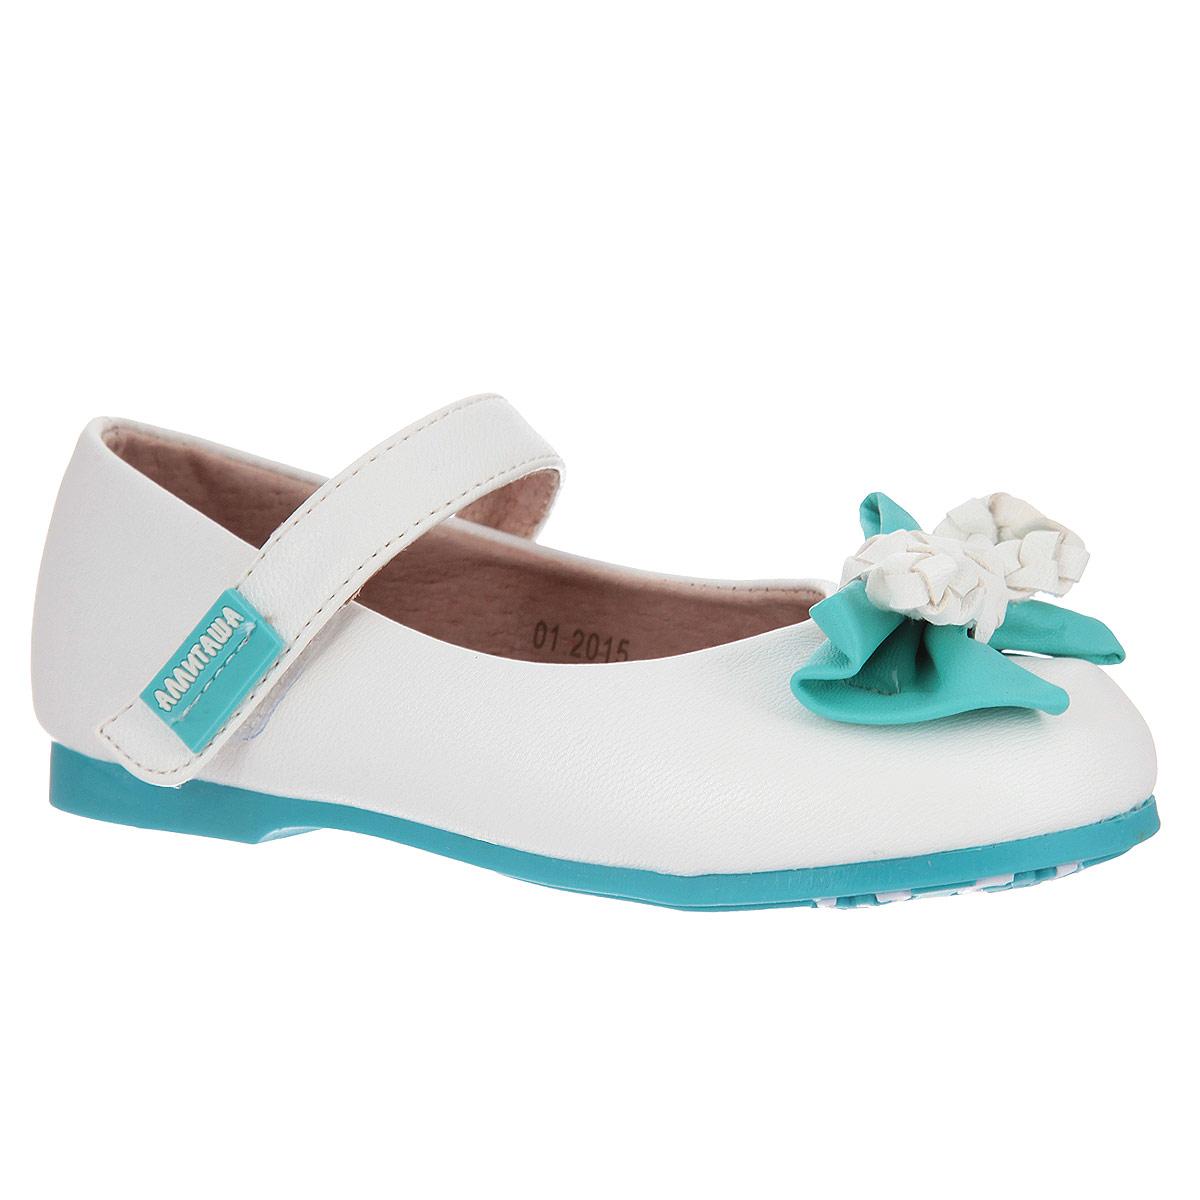 Туфли для девочки Аллигаша, цвет: белый, бирюзовый. 000350301. Размер 22000350301Удобные и стильные туфли Аллигаша очаруют вашу маленькую принцессу с первого взгляда!Оригинальный и яркий дизайн дополнен красивой фурнитурой. Верх модели выполнен из мягкой искусственной кожи, разработанной по последним технологиям, позволяет туфелькам совмещать в себе комфорт и износоустойчивость. Стелька с супинатором и подкладка изготовлены из натуральной кожи, благодаря чему обувь дышит, что обеспечивает идеальный микроклимат. Усиленная задняя пяточная часть соответствует всем рекомендациям ортопедов. Анатомическая стелька обеспечивает правильное формирование детской стопы. Для удобства обувания и надежной фиксации стопы на подъеме имеется ремешок на липучке. Подошва, изготовленная из полиуретана, не скользит и обеспечивает хорошее сцепление с поверхностью.Мыс туфель украшен милым кожаным бантиком контрастного цвета.Чудесные туфли прекрасно дополнят любой наряд вашей модницы.